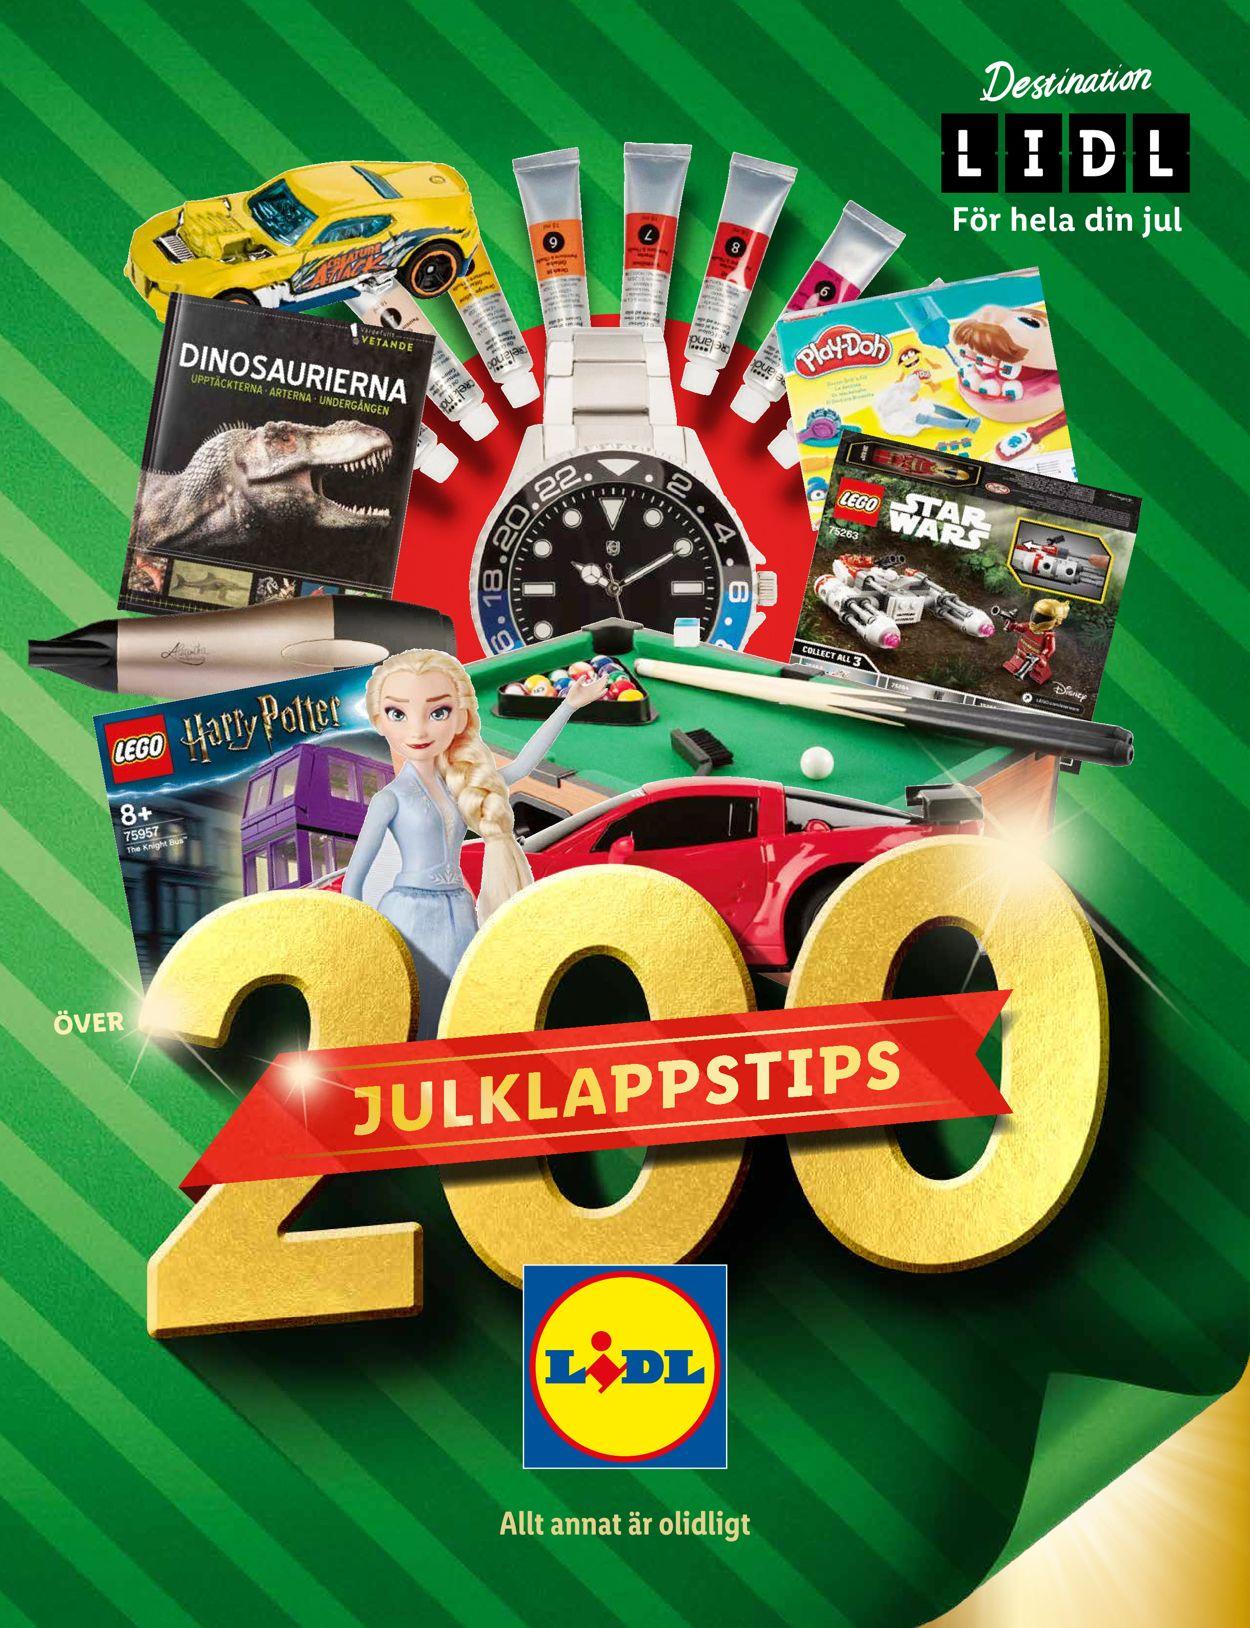 Lidl Julk 2020 - Reklamblad - 19/11-27/12-2020